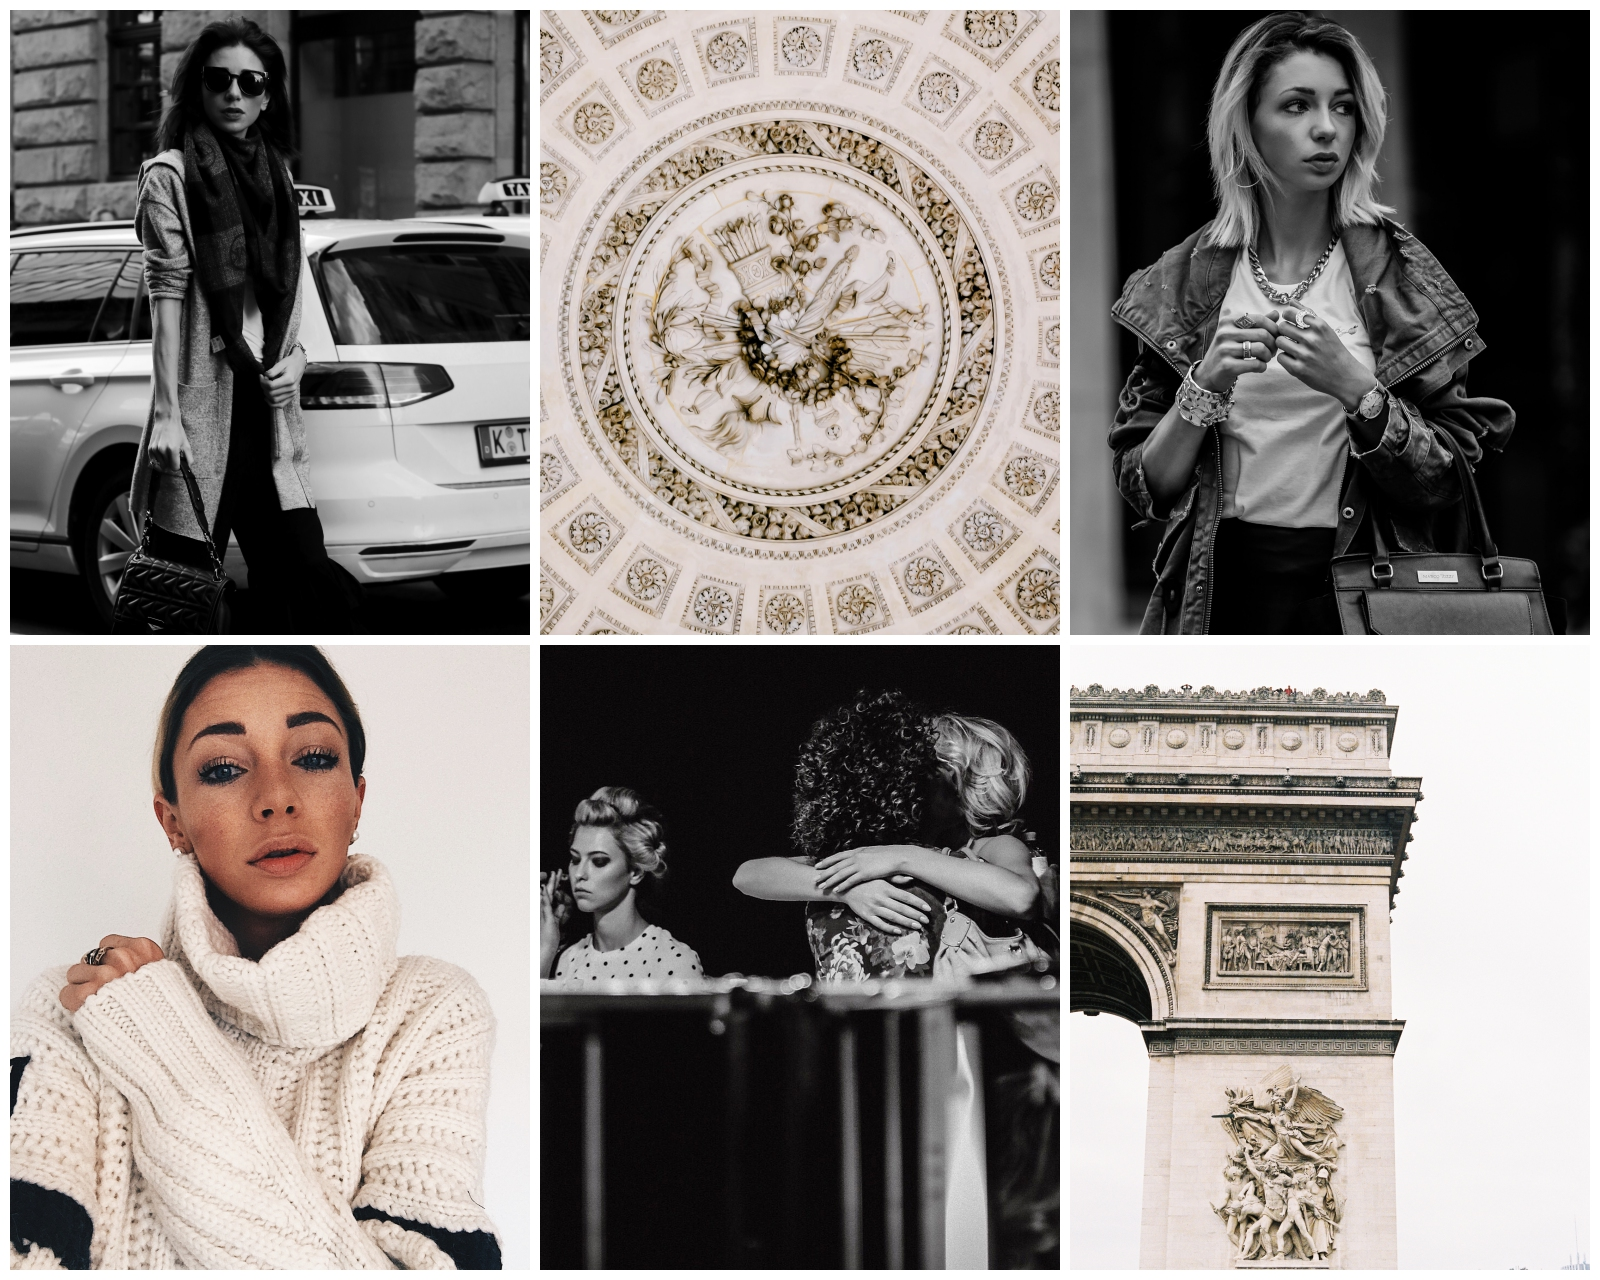 die-10-besten-fashion-blogs-deutschlands-mode-influencer-fashion-germany-couture-de-coeur-jasmin-kessler